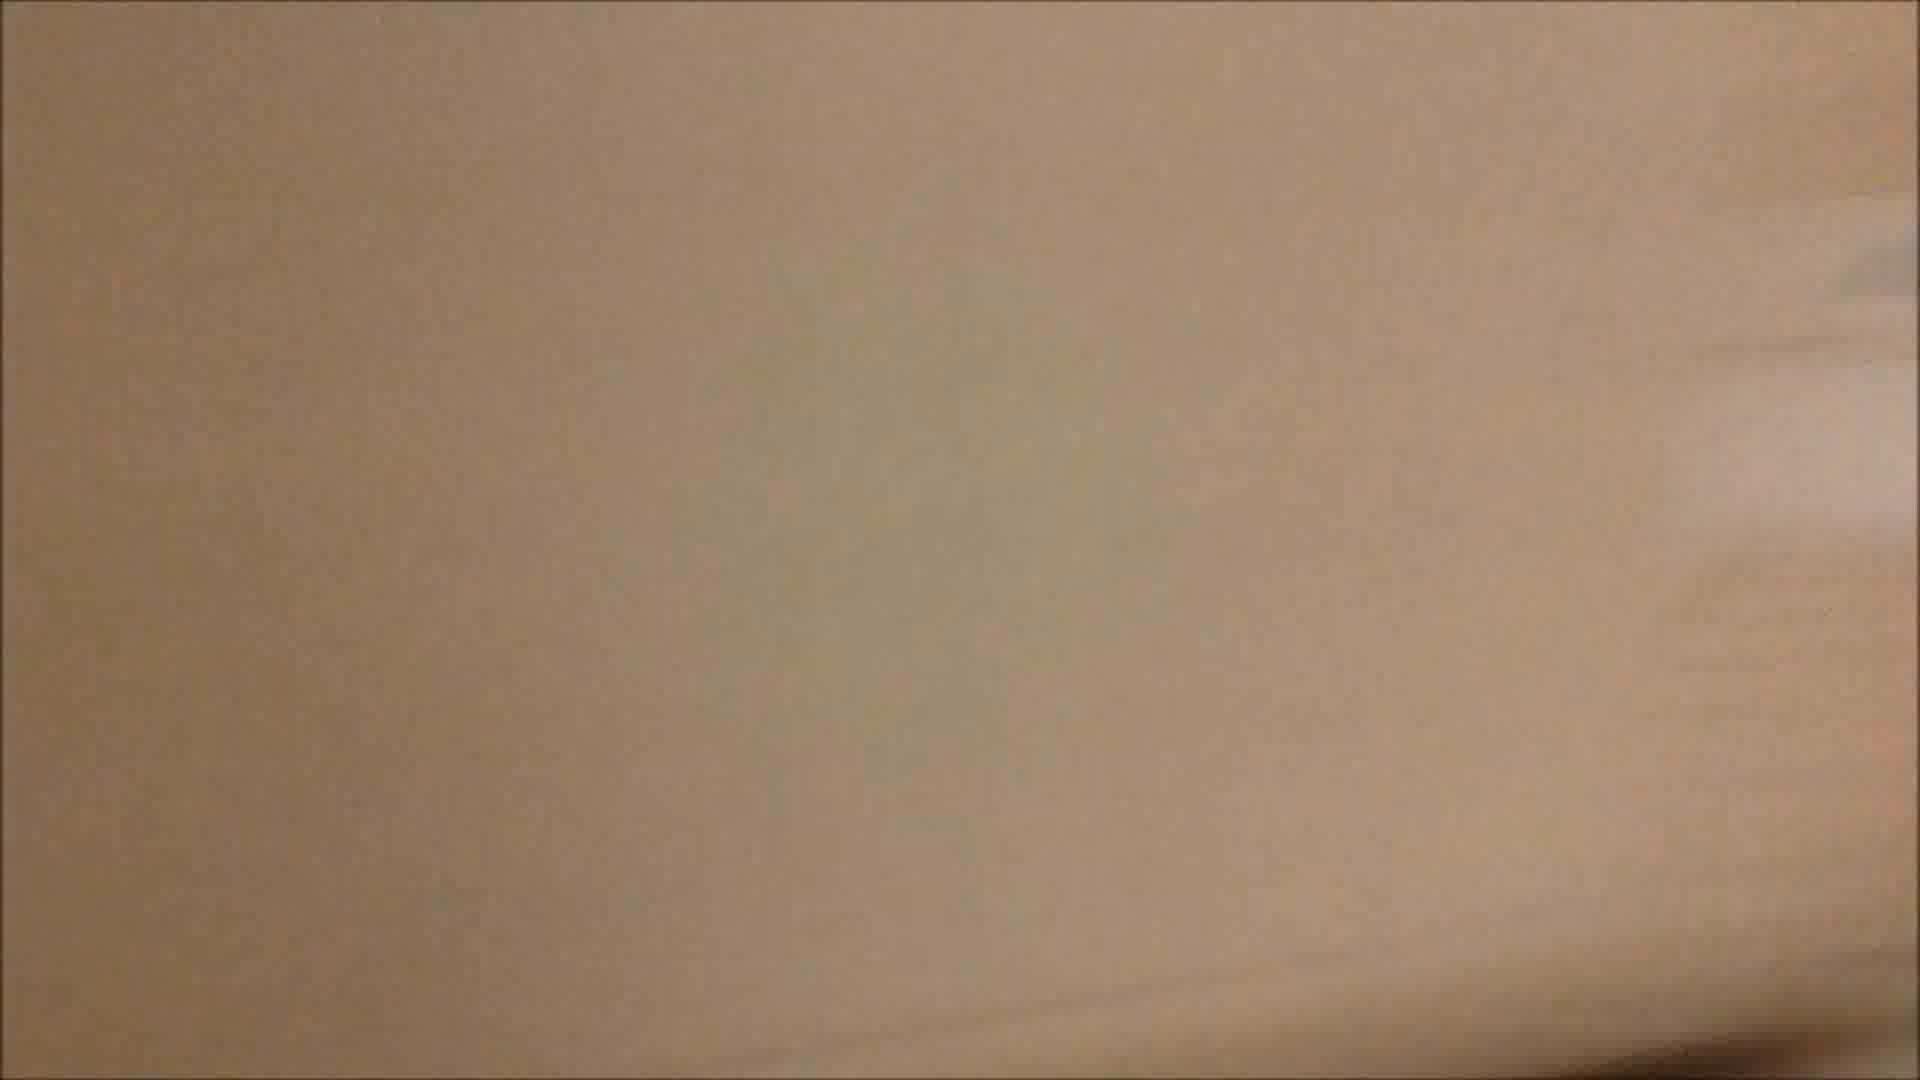 某有名大学女性洗面所 vol.16 洗面所 隠し撮りオマンコ動画紹介 45連発 43